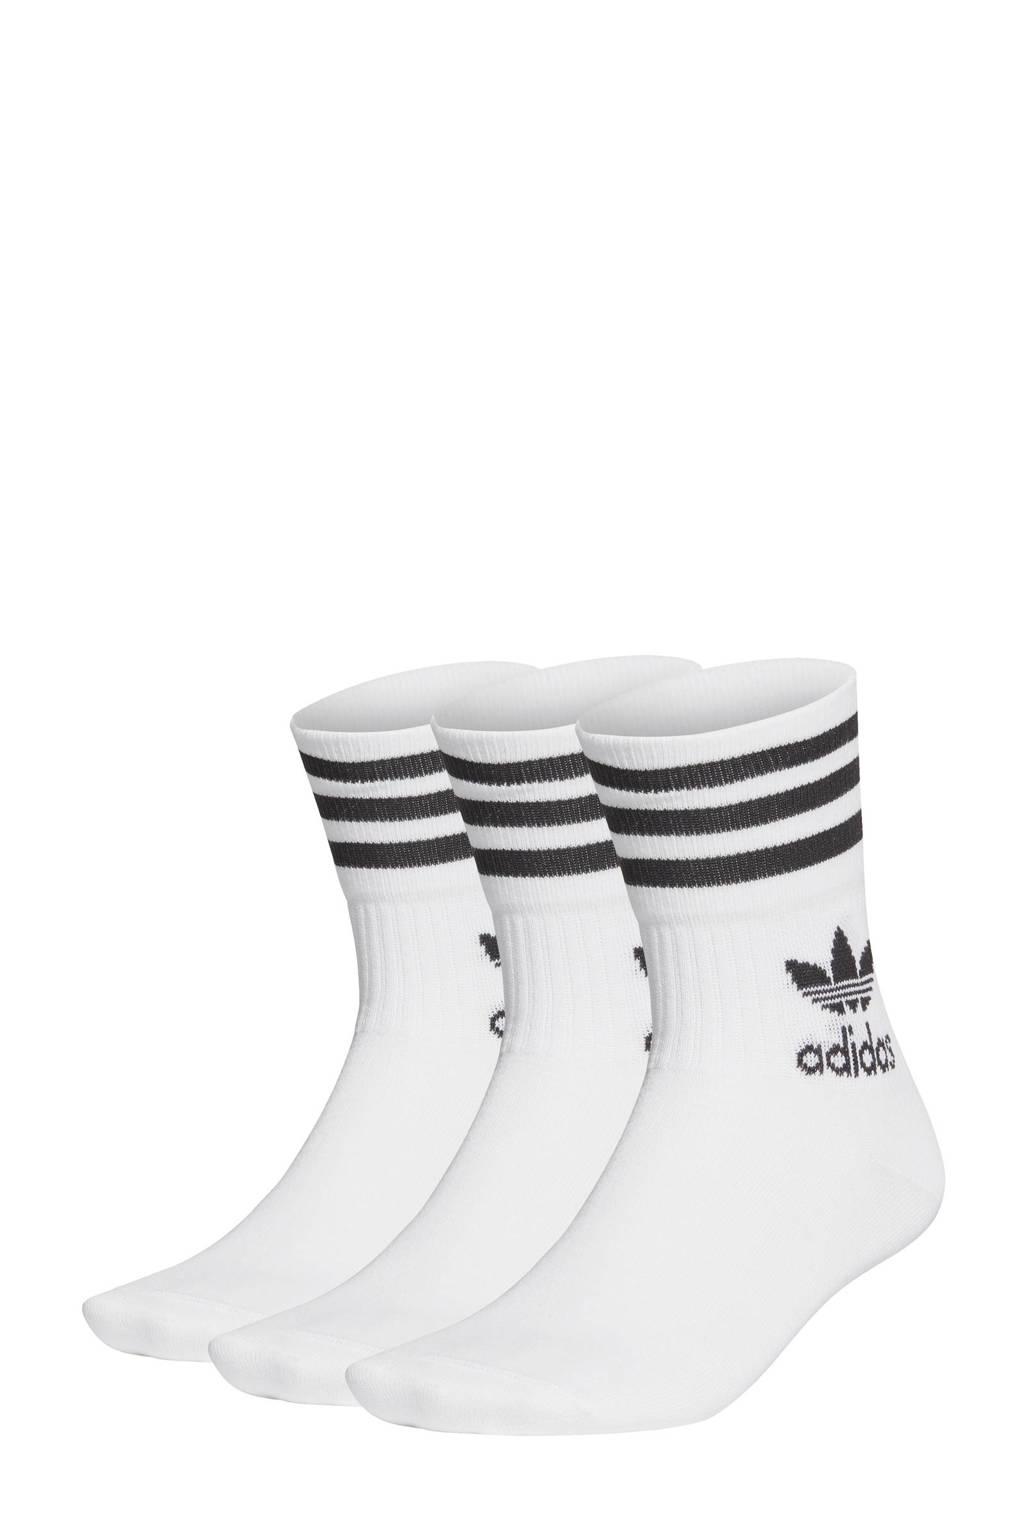 adidas Originals   sokken - set van 3 wit, Wit